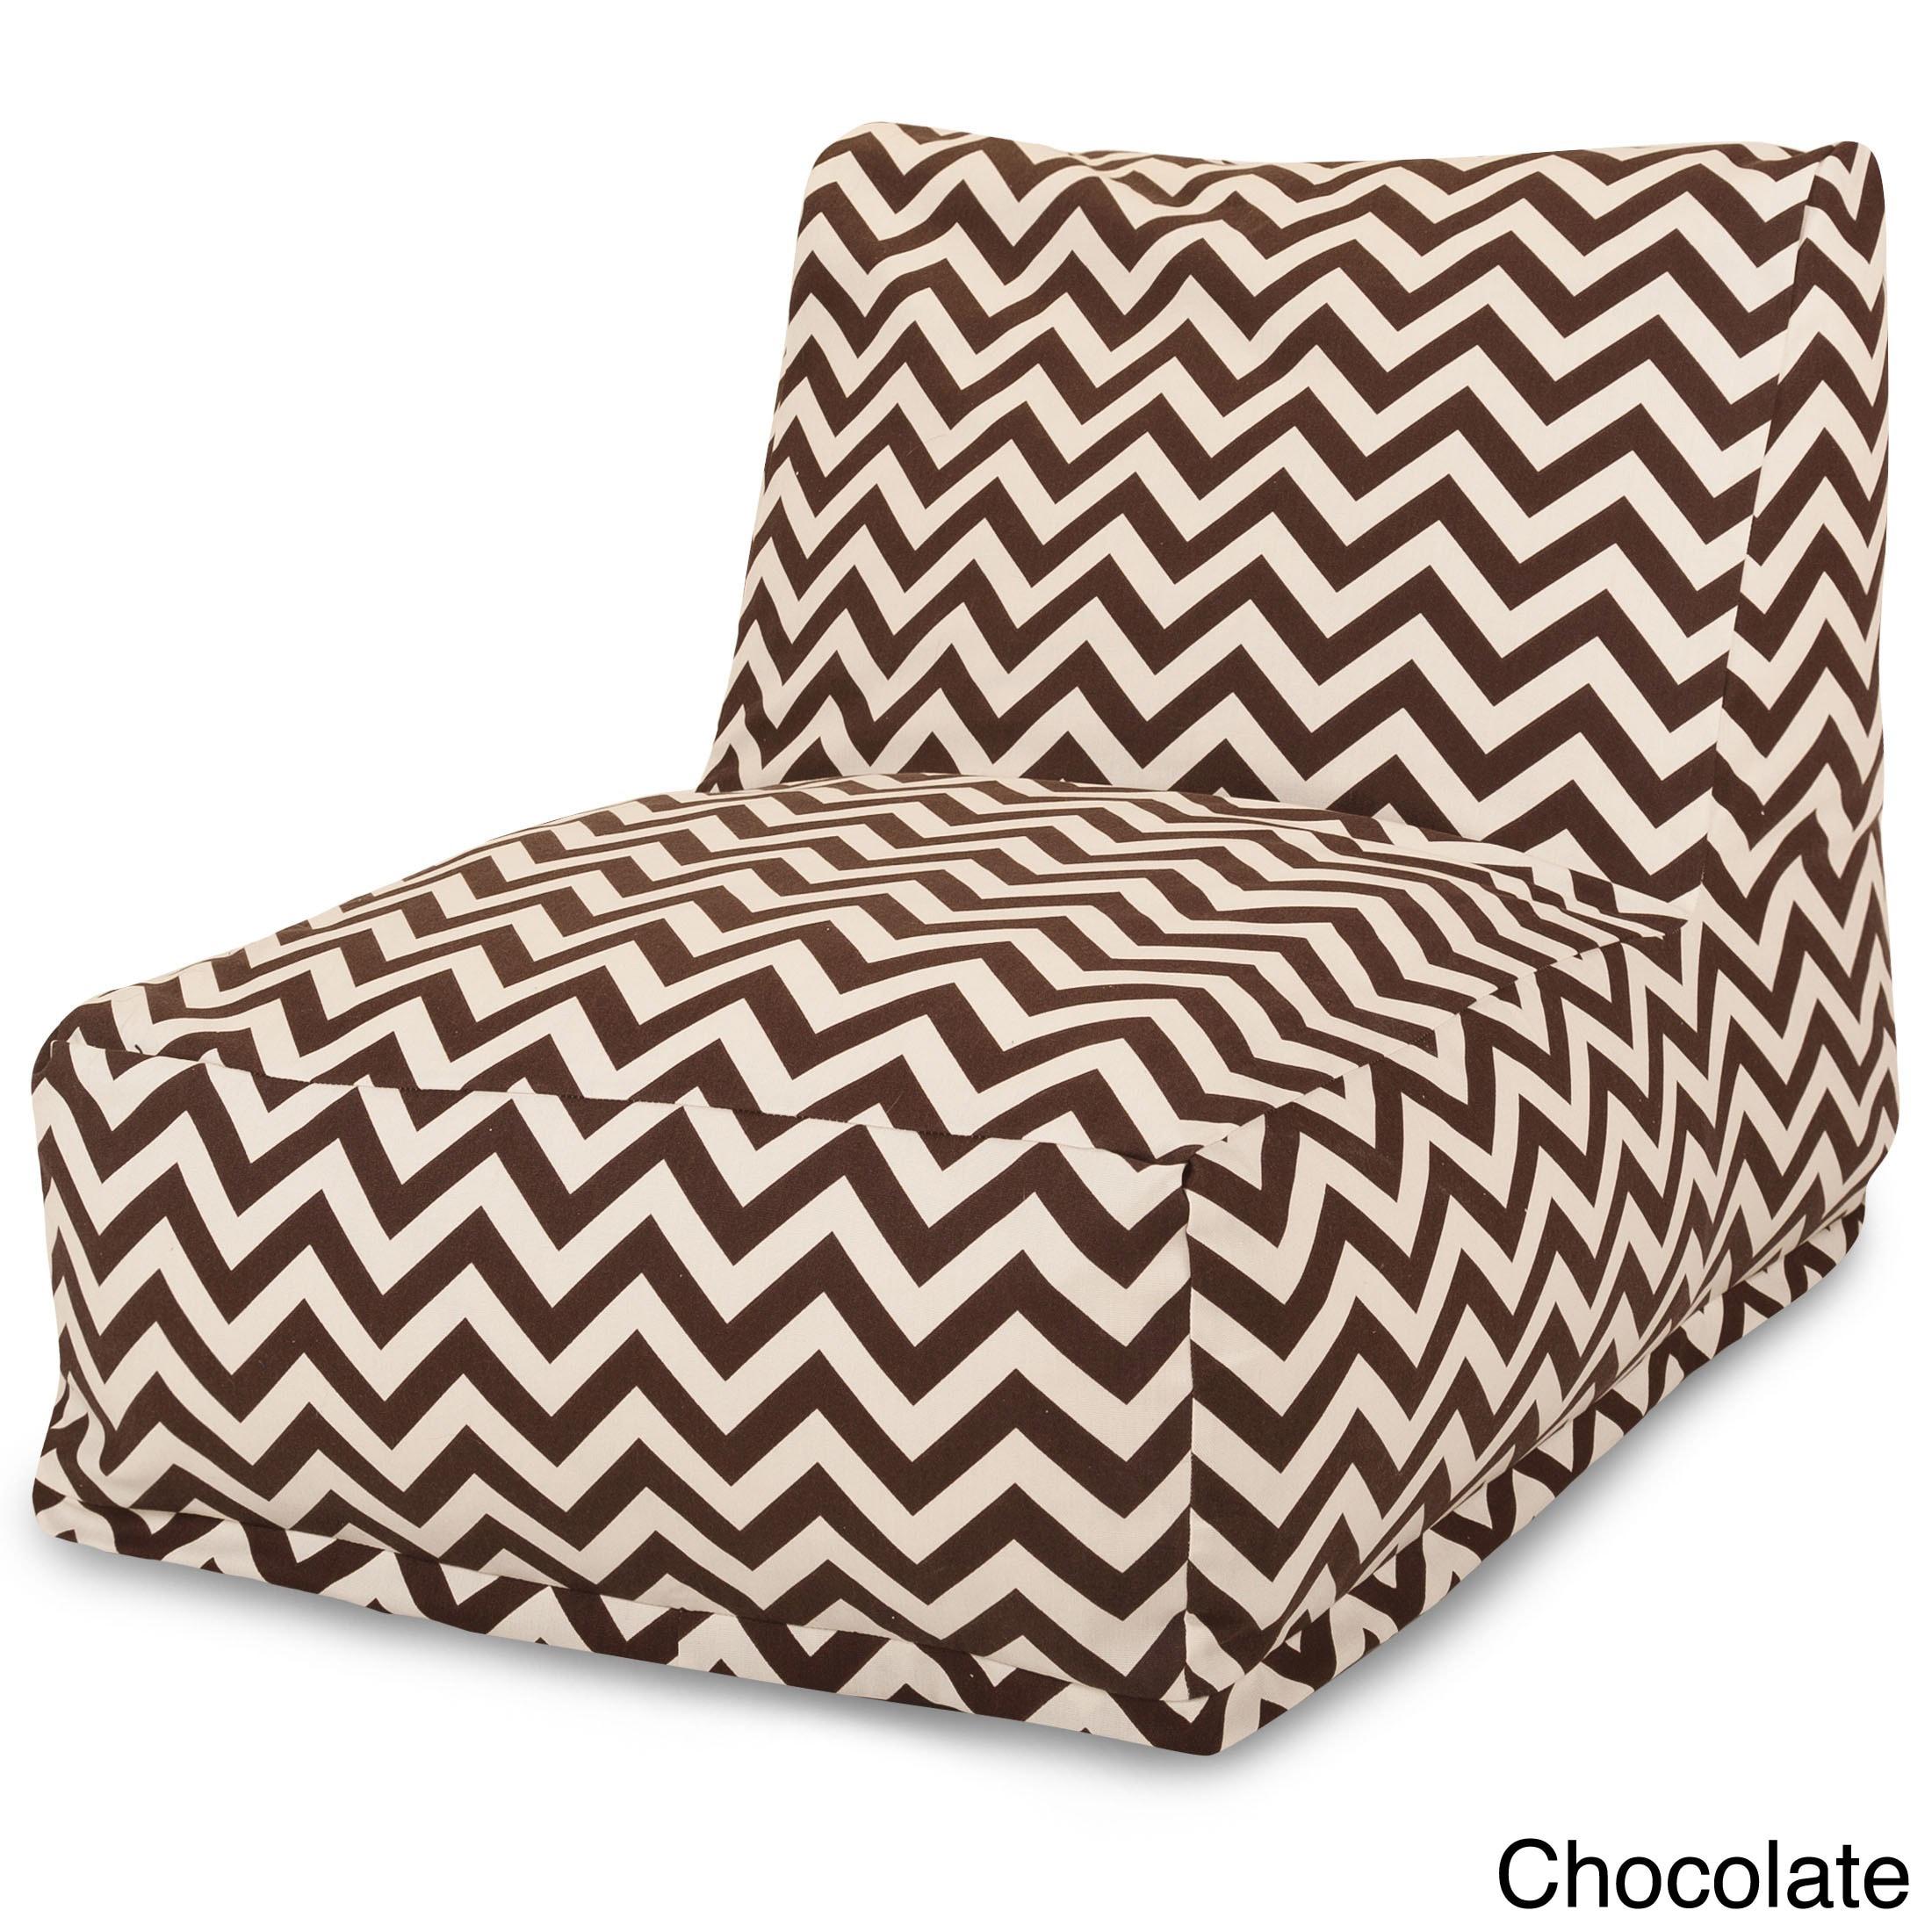 Indoor Outdoor Zig Zag Bean Bag Chair Lounger